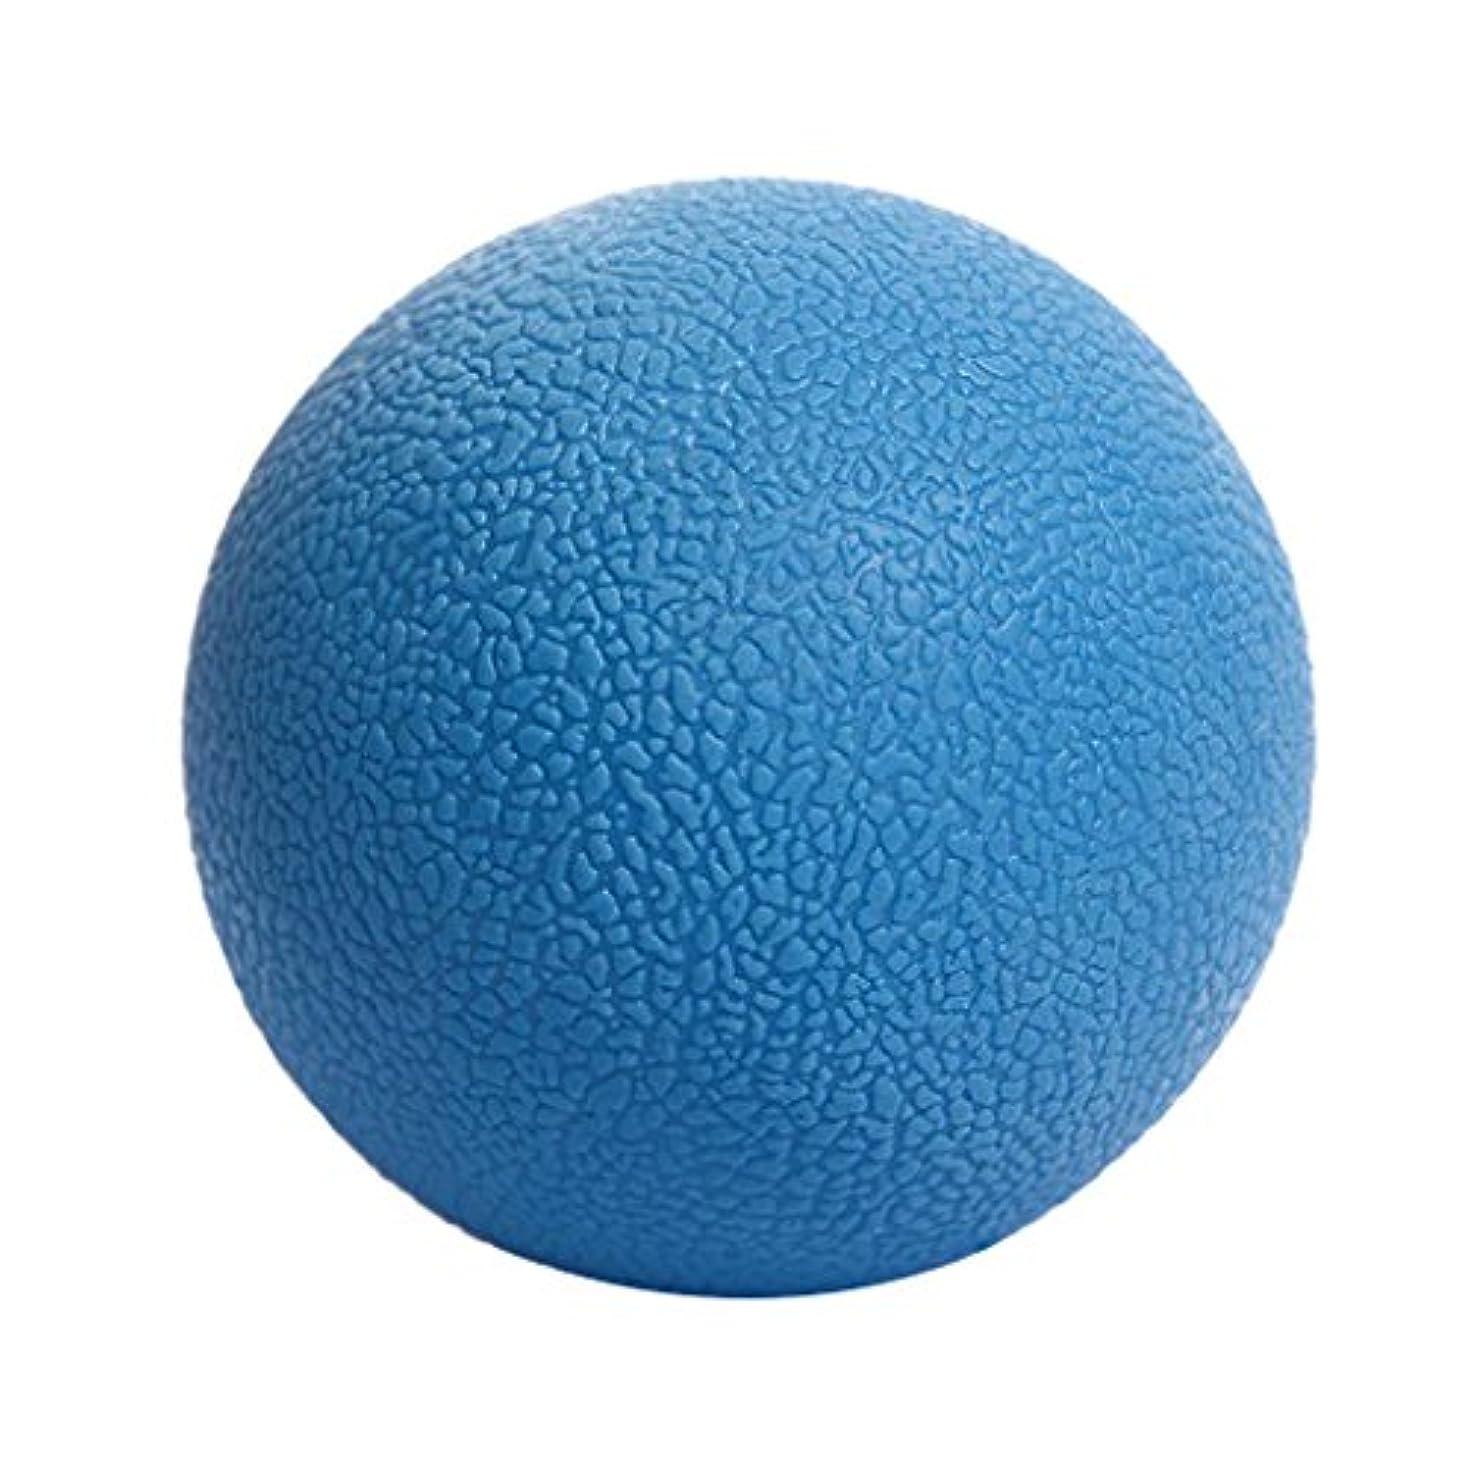 びっくりしたユーモア十マッサージボール ボディーマッサージ 便利 TPE ヨガ ピラティス 4色選べる - 青, 説明したように